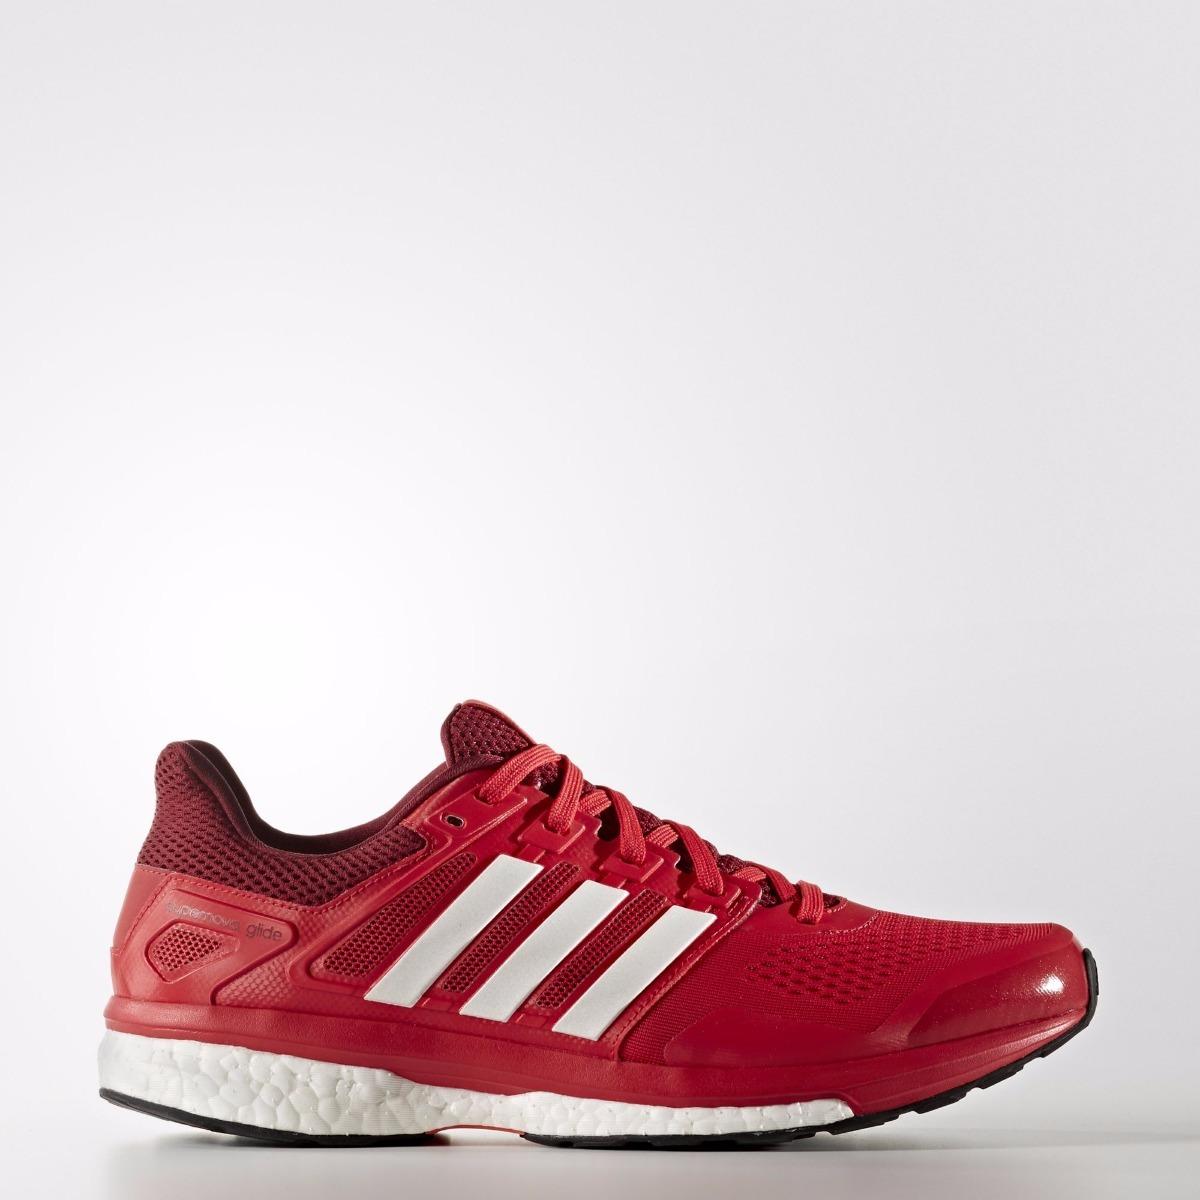 zapatillas adidas running rojas